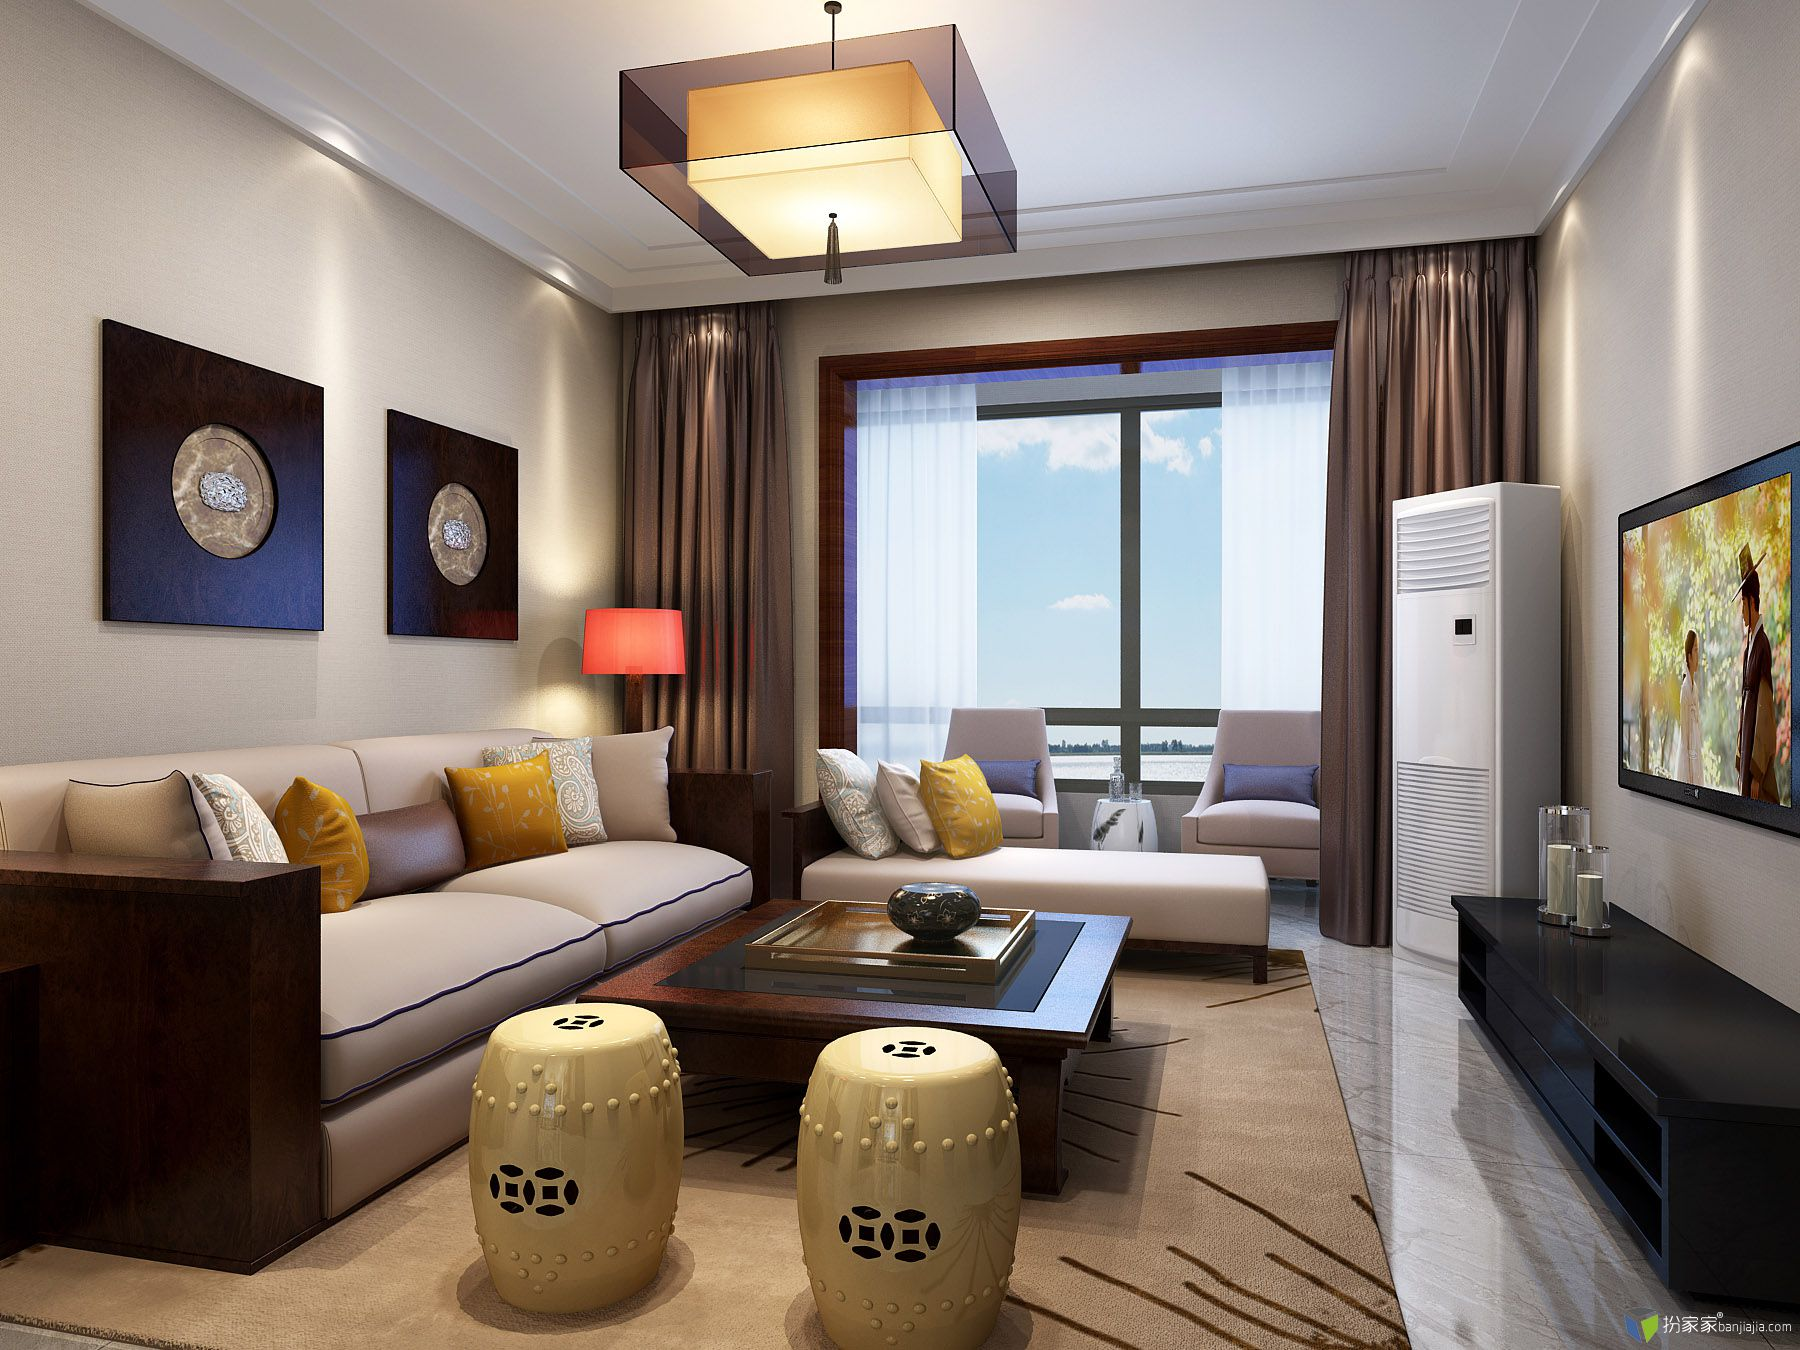 新中式客厅 大神帮忙看看 - 扮家家室内设计网